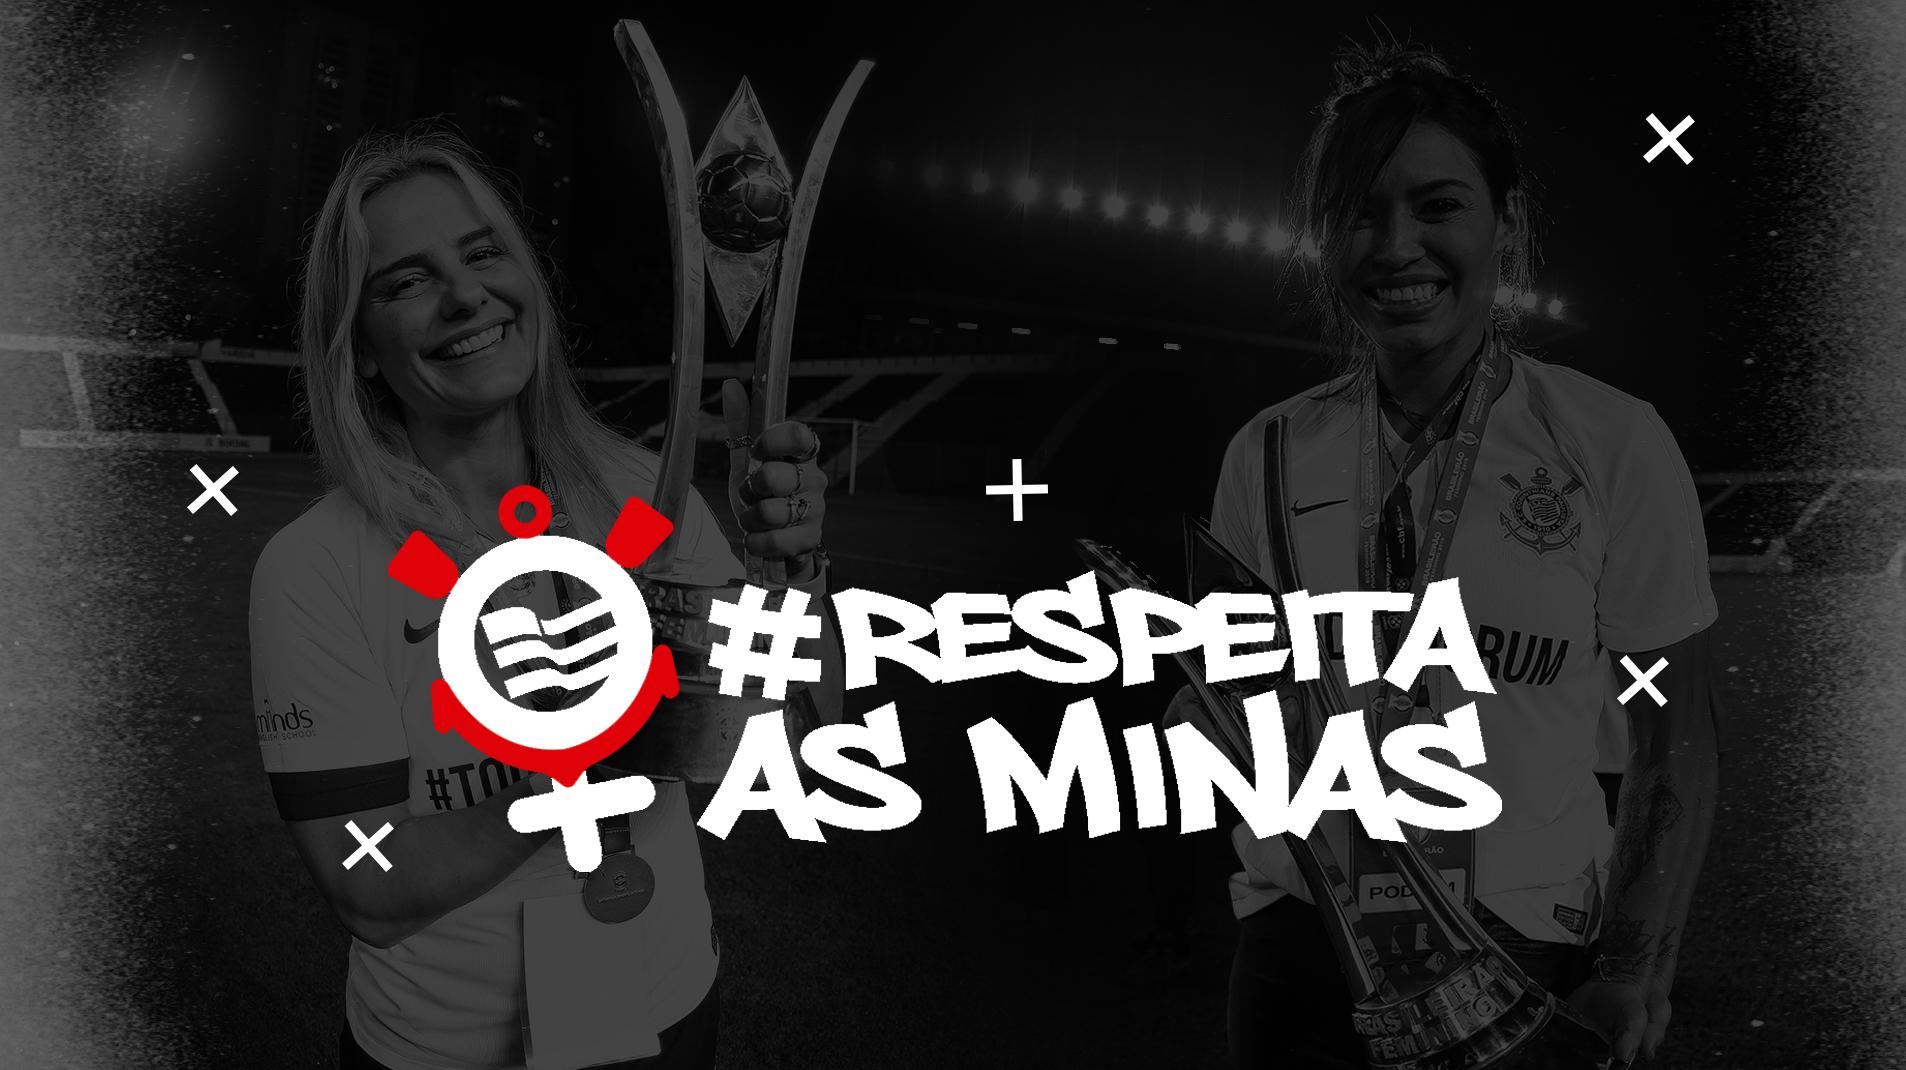 #RespeitaAsMinas